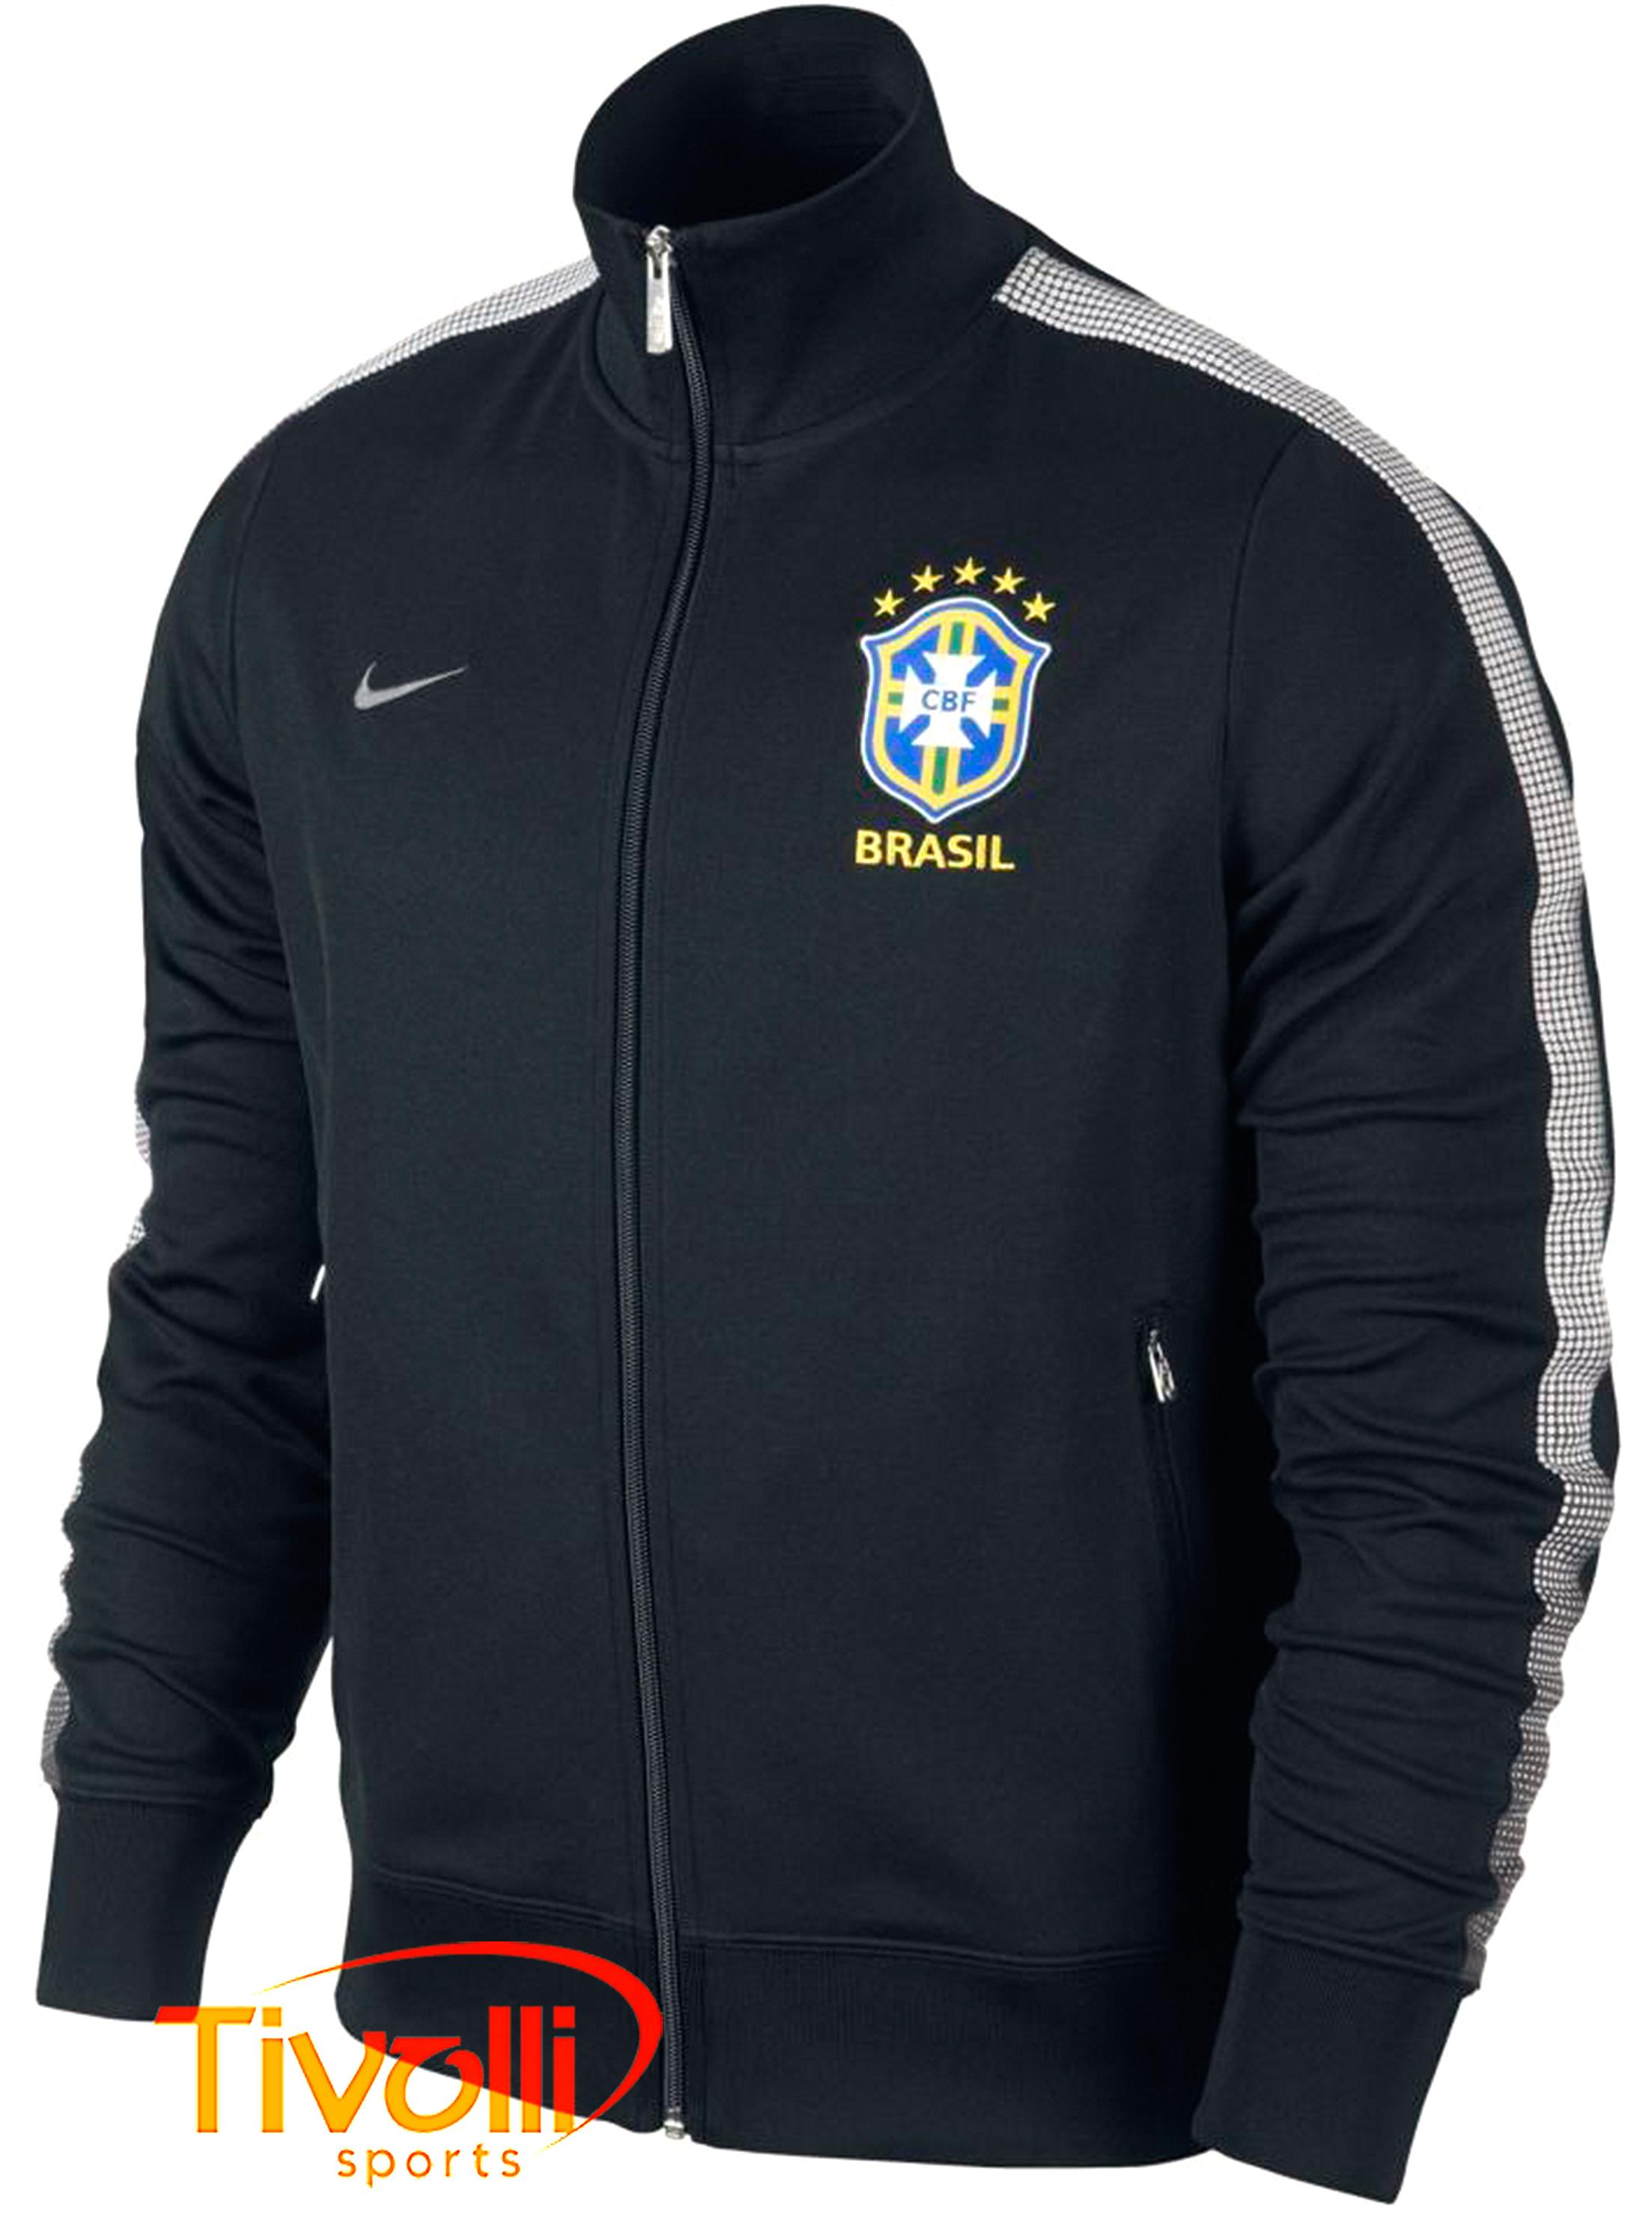 Black Friday - Jaqueta Nike CBF Brasil   Seleção Brasileira preto e ... b298578107e8b